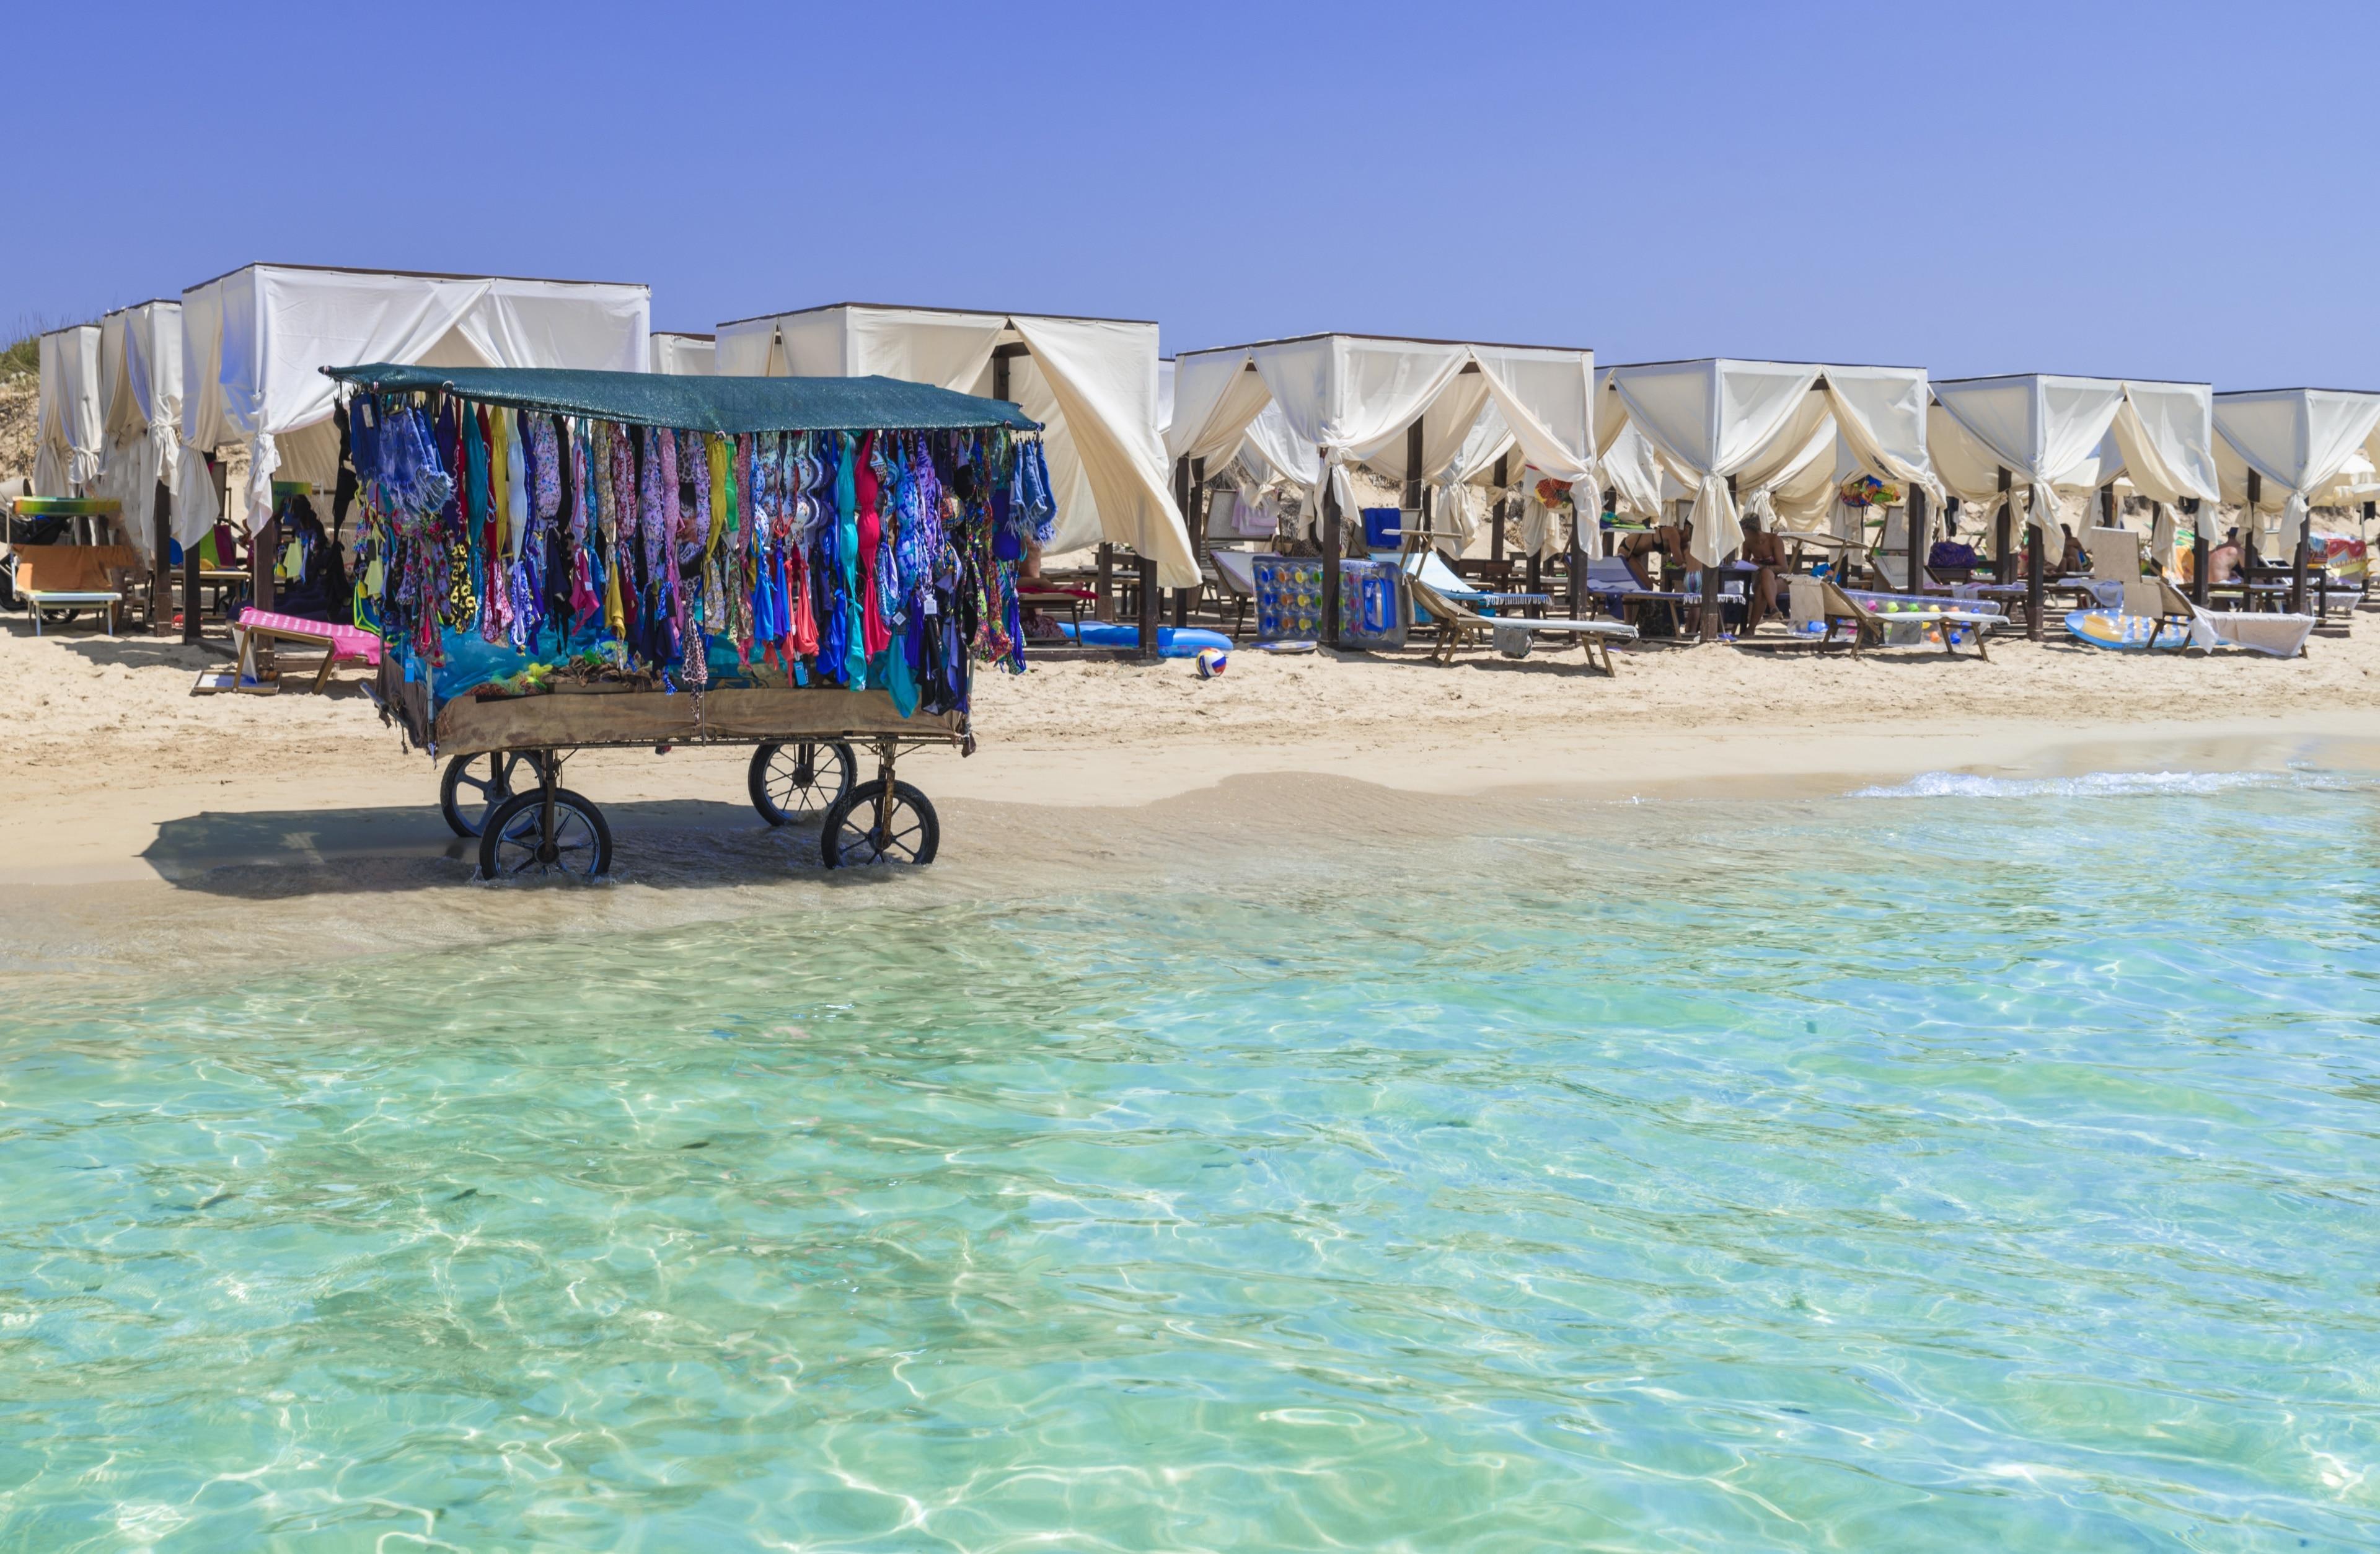 Spiaggia di Pescoluse (Maldive del Salento), Salve, Apulien, Italien